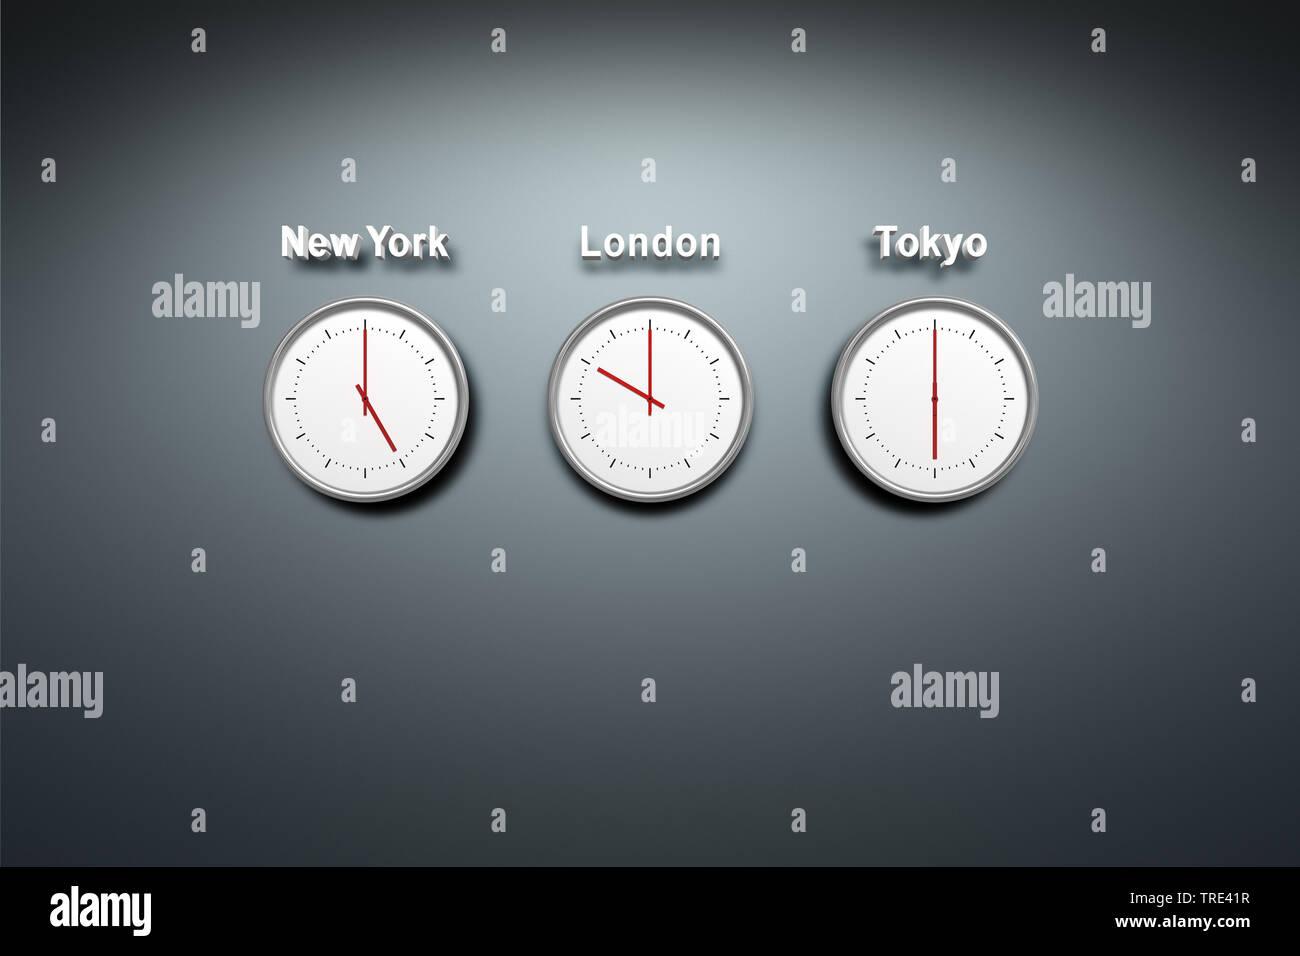 New York - London - Tokyo - drei Uhren mit verschiedenen Uhrzeiten | three clocks showing the time o New York, London and Tokyo | BLWS516694.jpg [ (c) - Stock Image